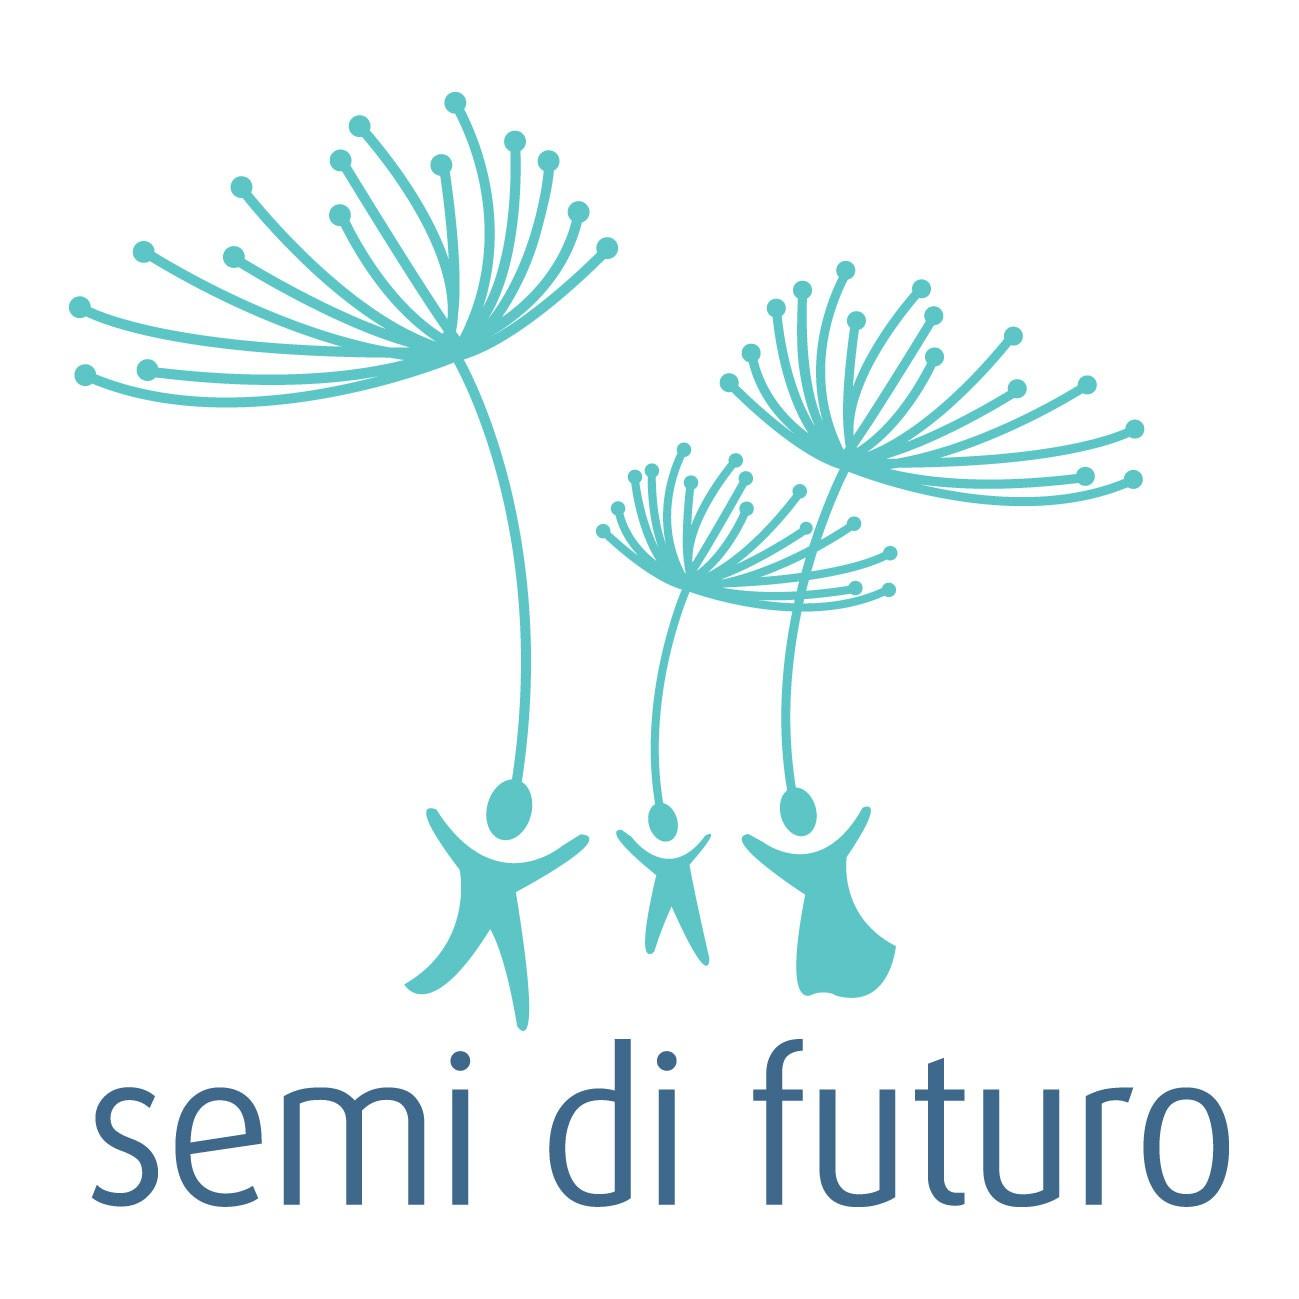 Semi di futuro